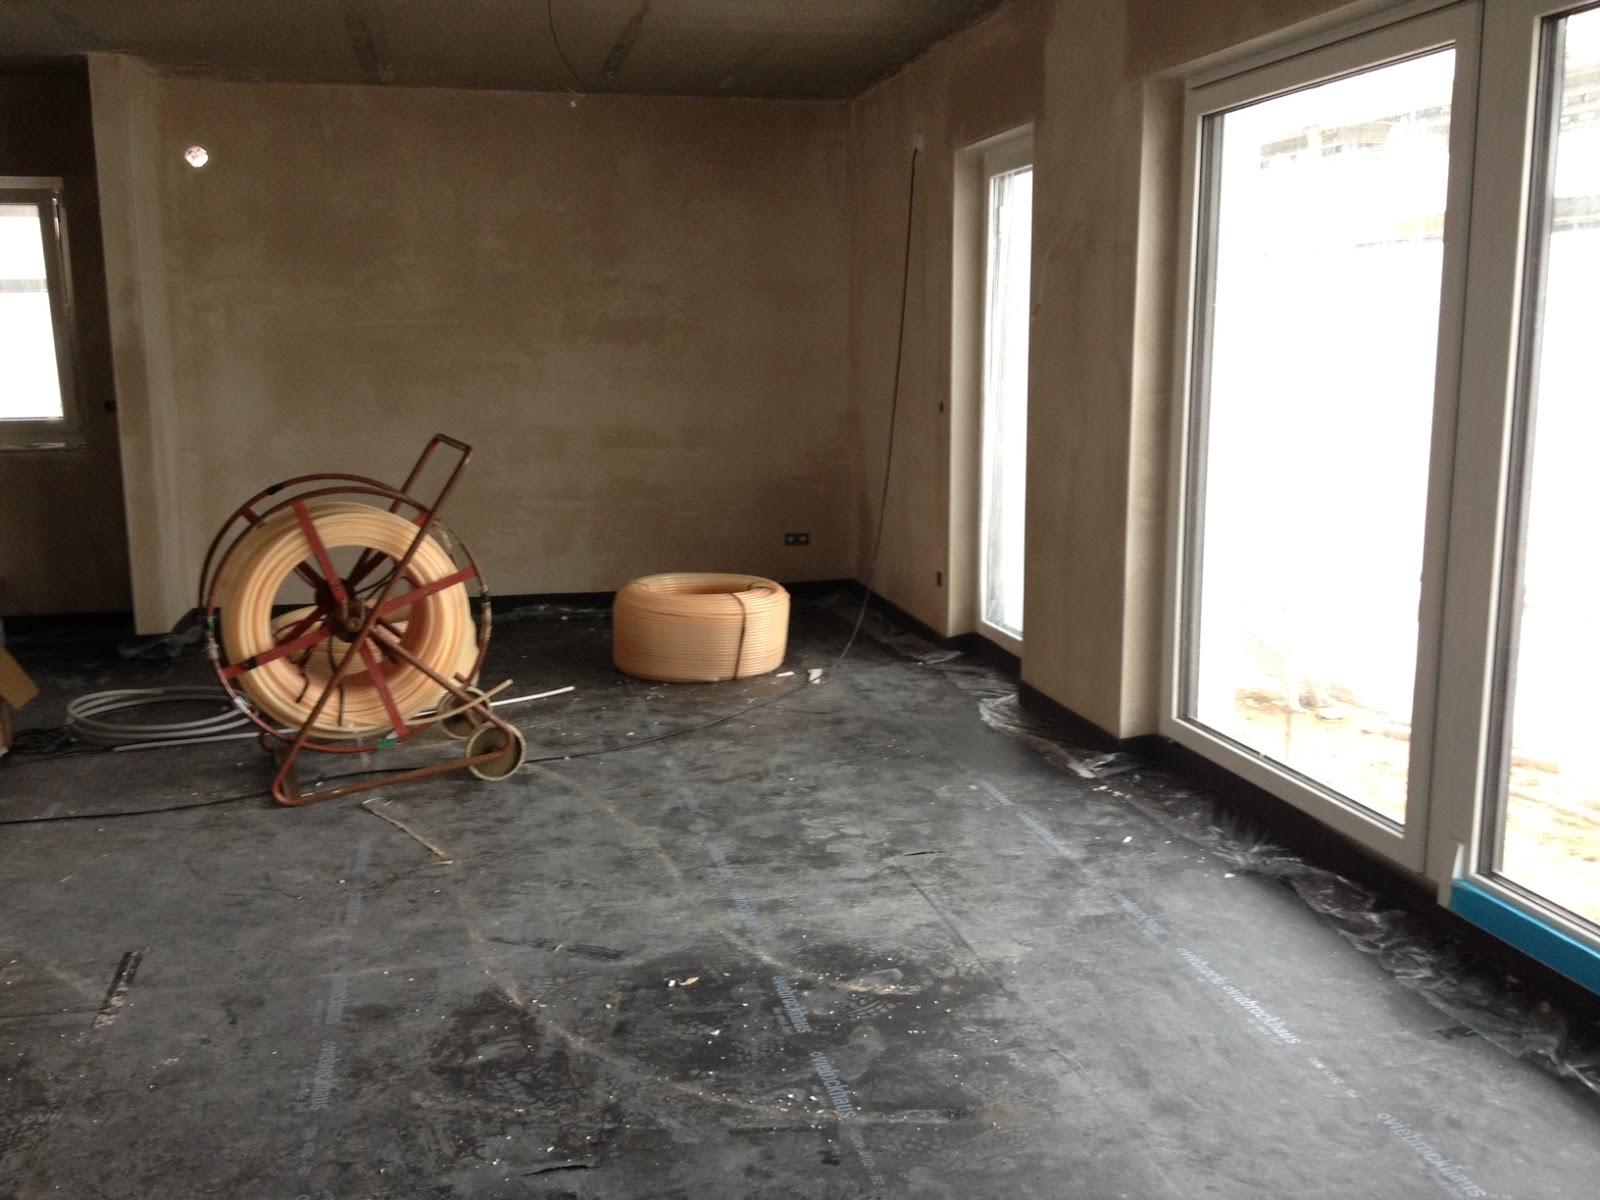 bautagebuch zu unserem traumhaus jette joop europe unlimited von viebrockhaus die ruhe vor. Black Bedroom Furniture Sets. Home Design Ideas